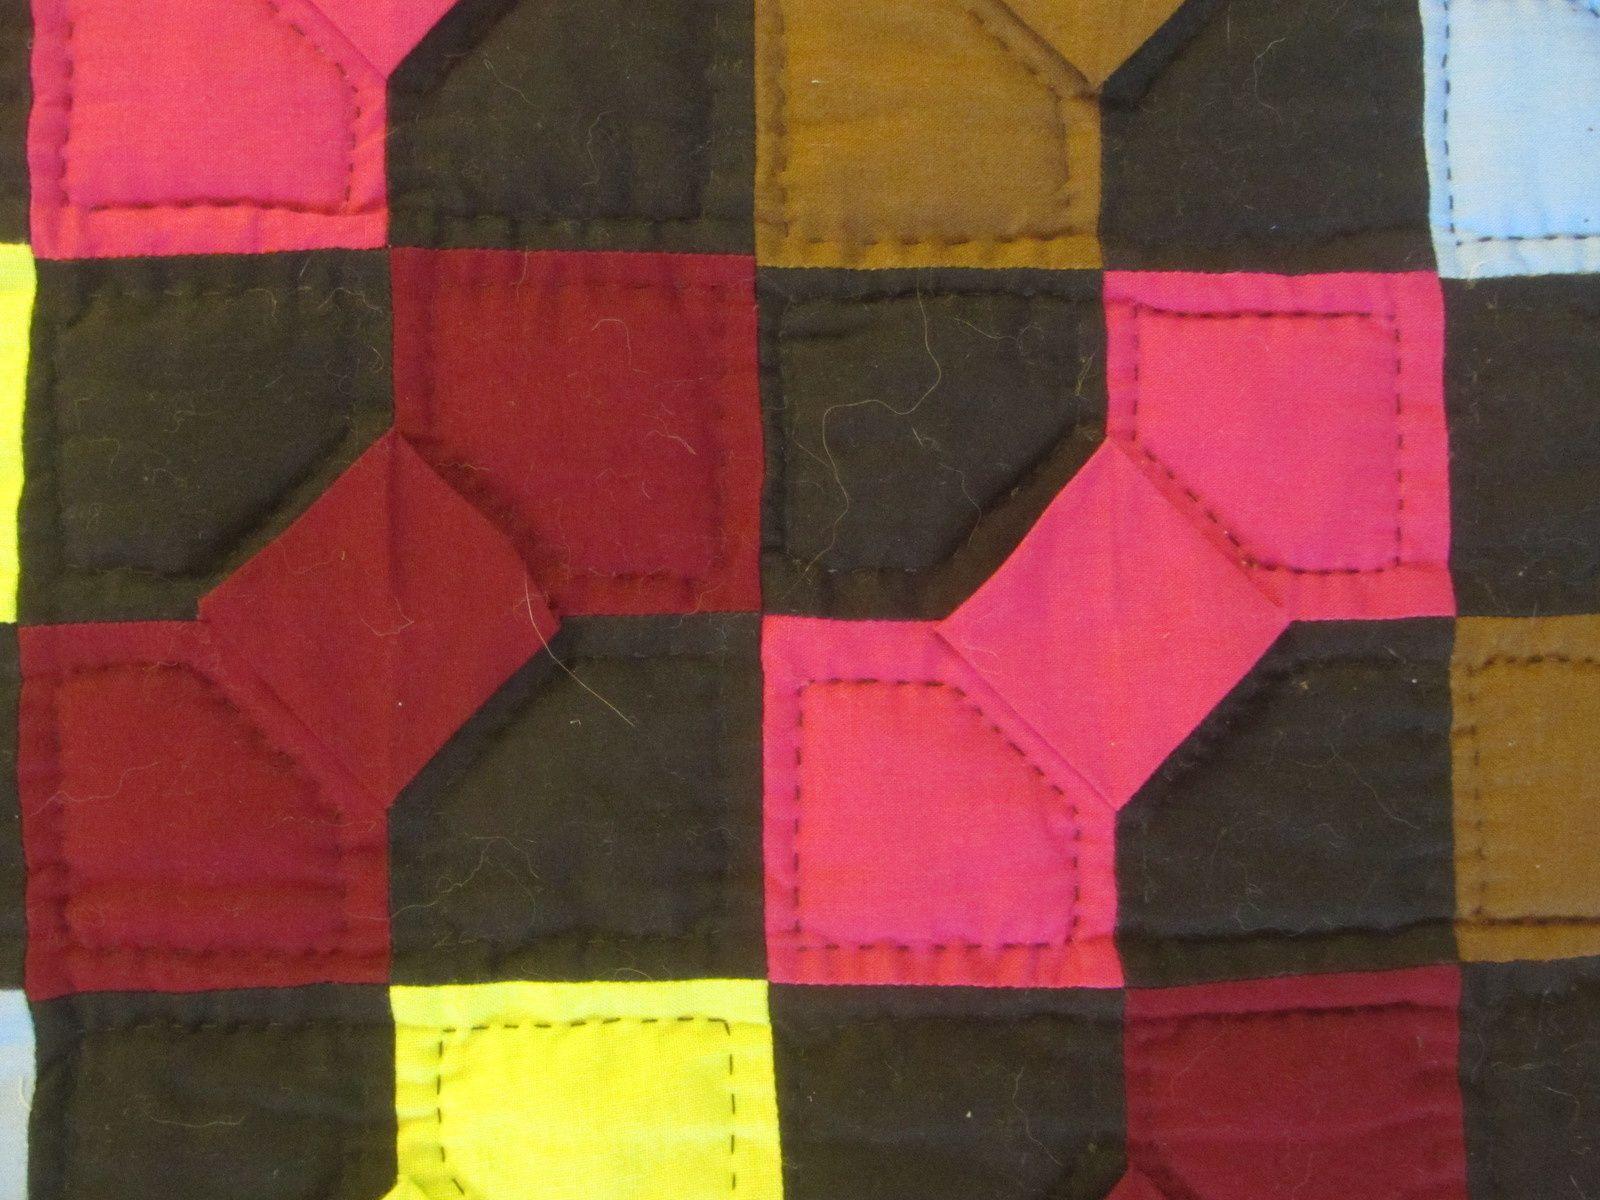 Petits noeuds en relief, pour un amish aux couleurs inhabituelles surtout pour le jaune.